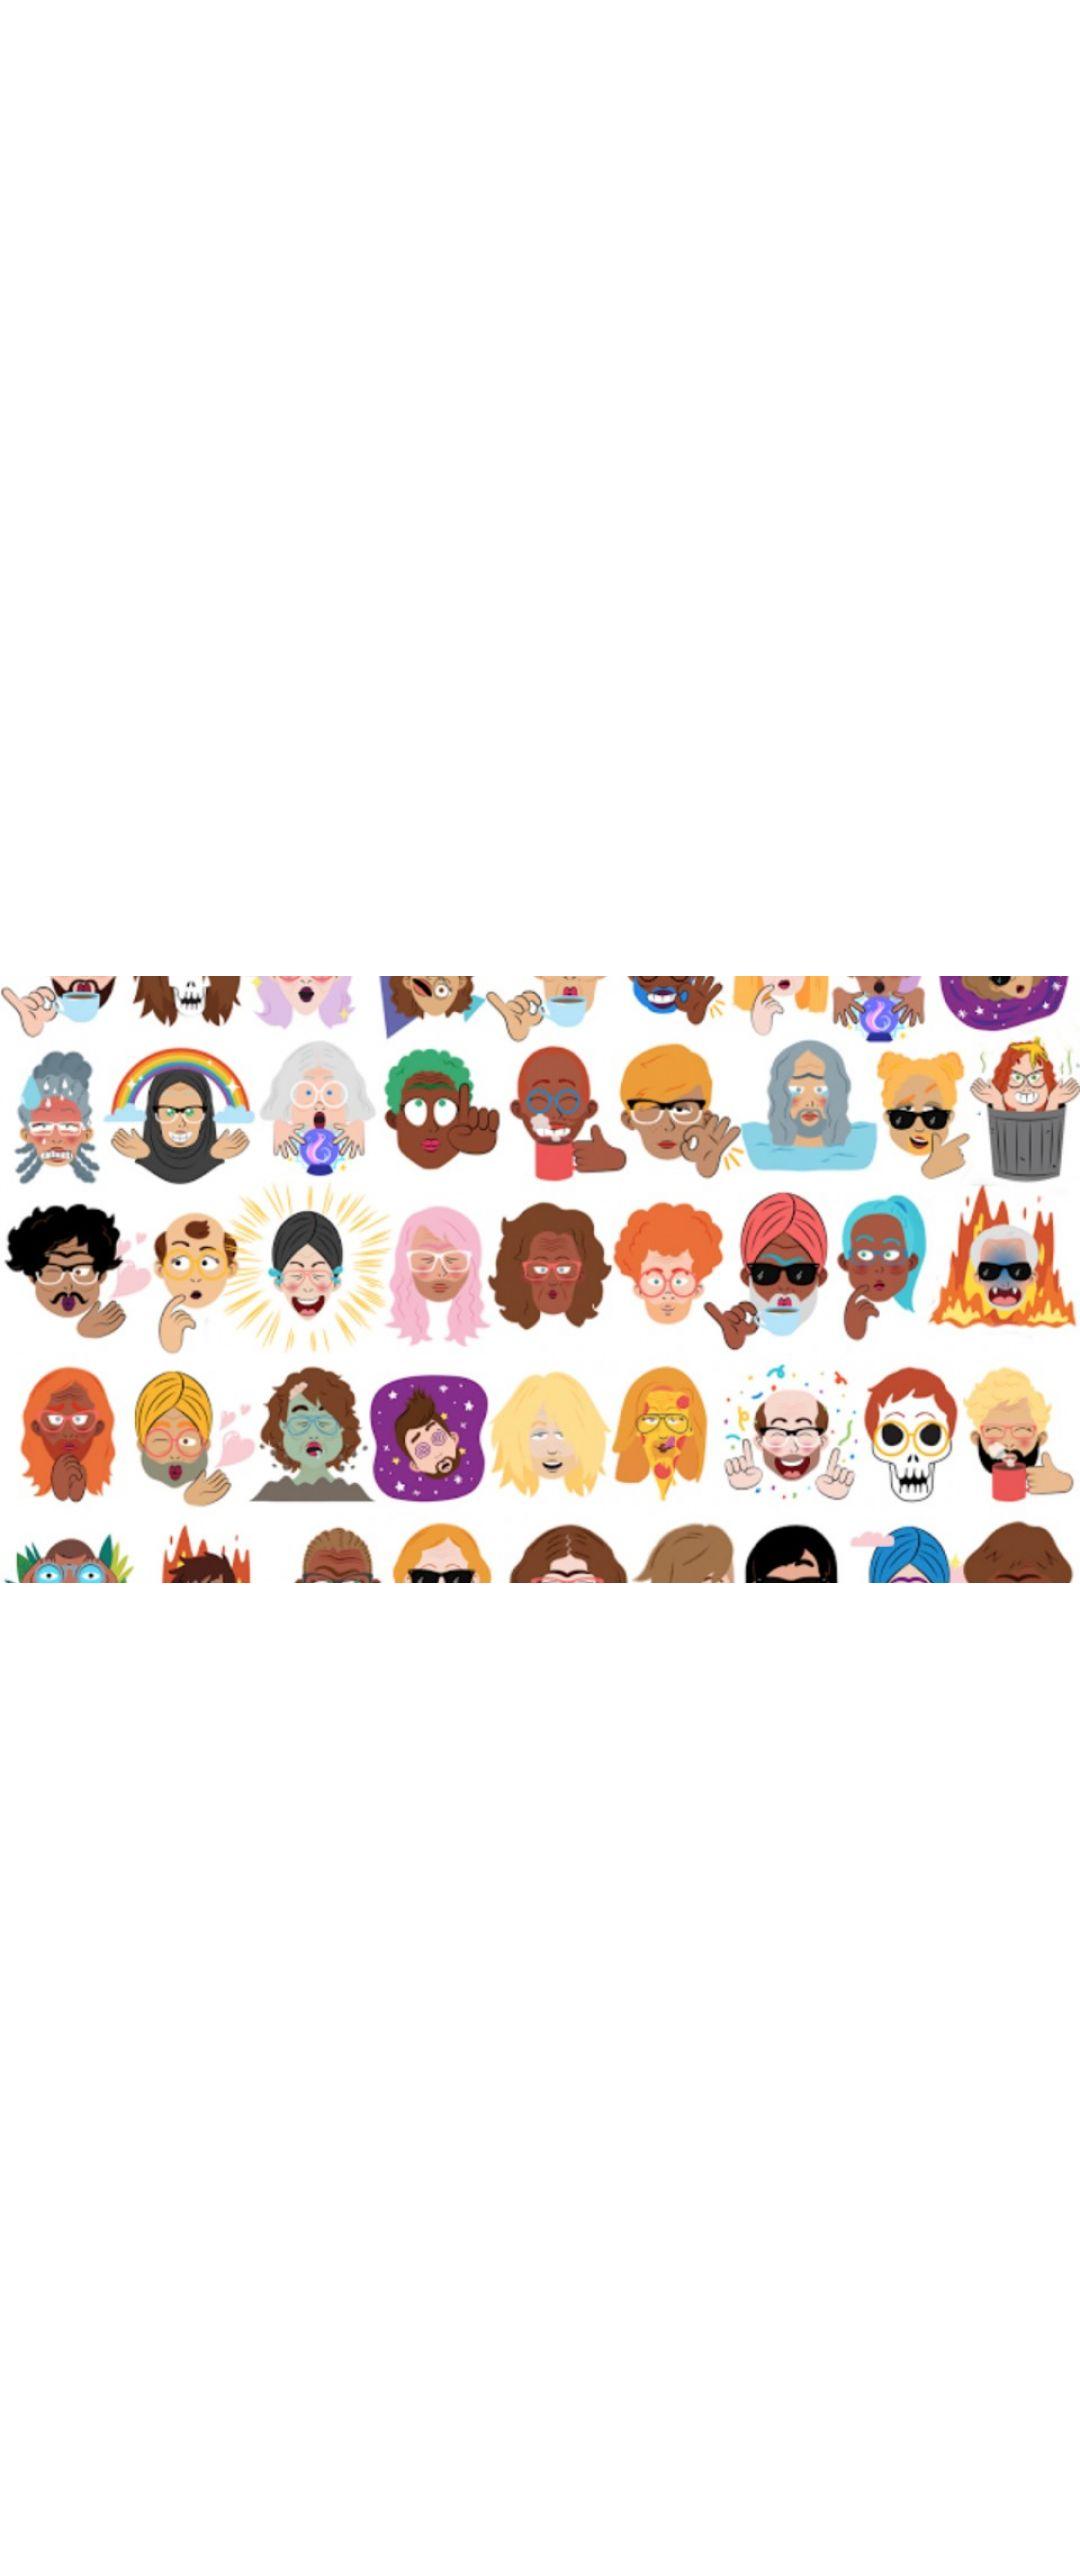 Google Allo ahora convierte tus selfies en stickers